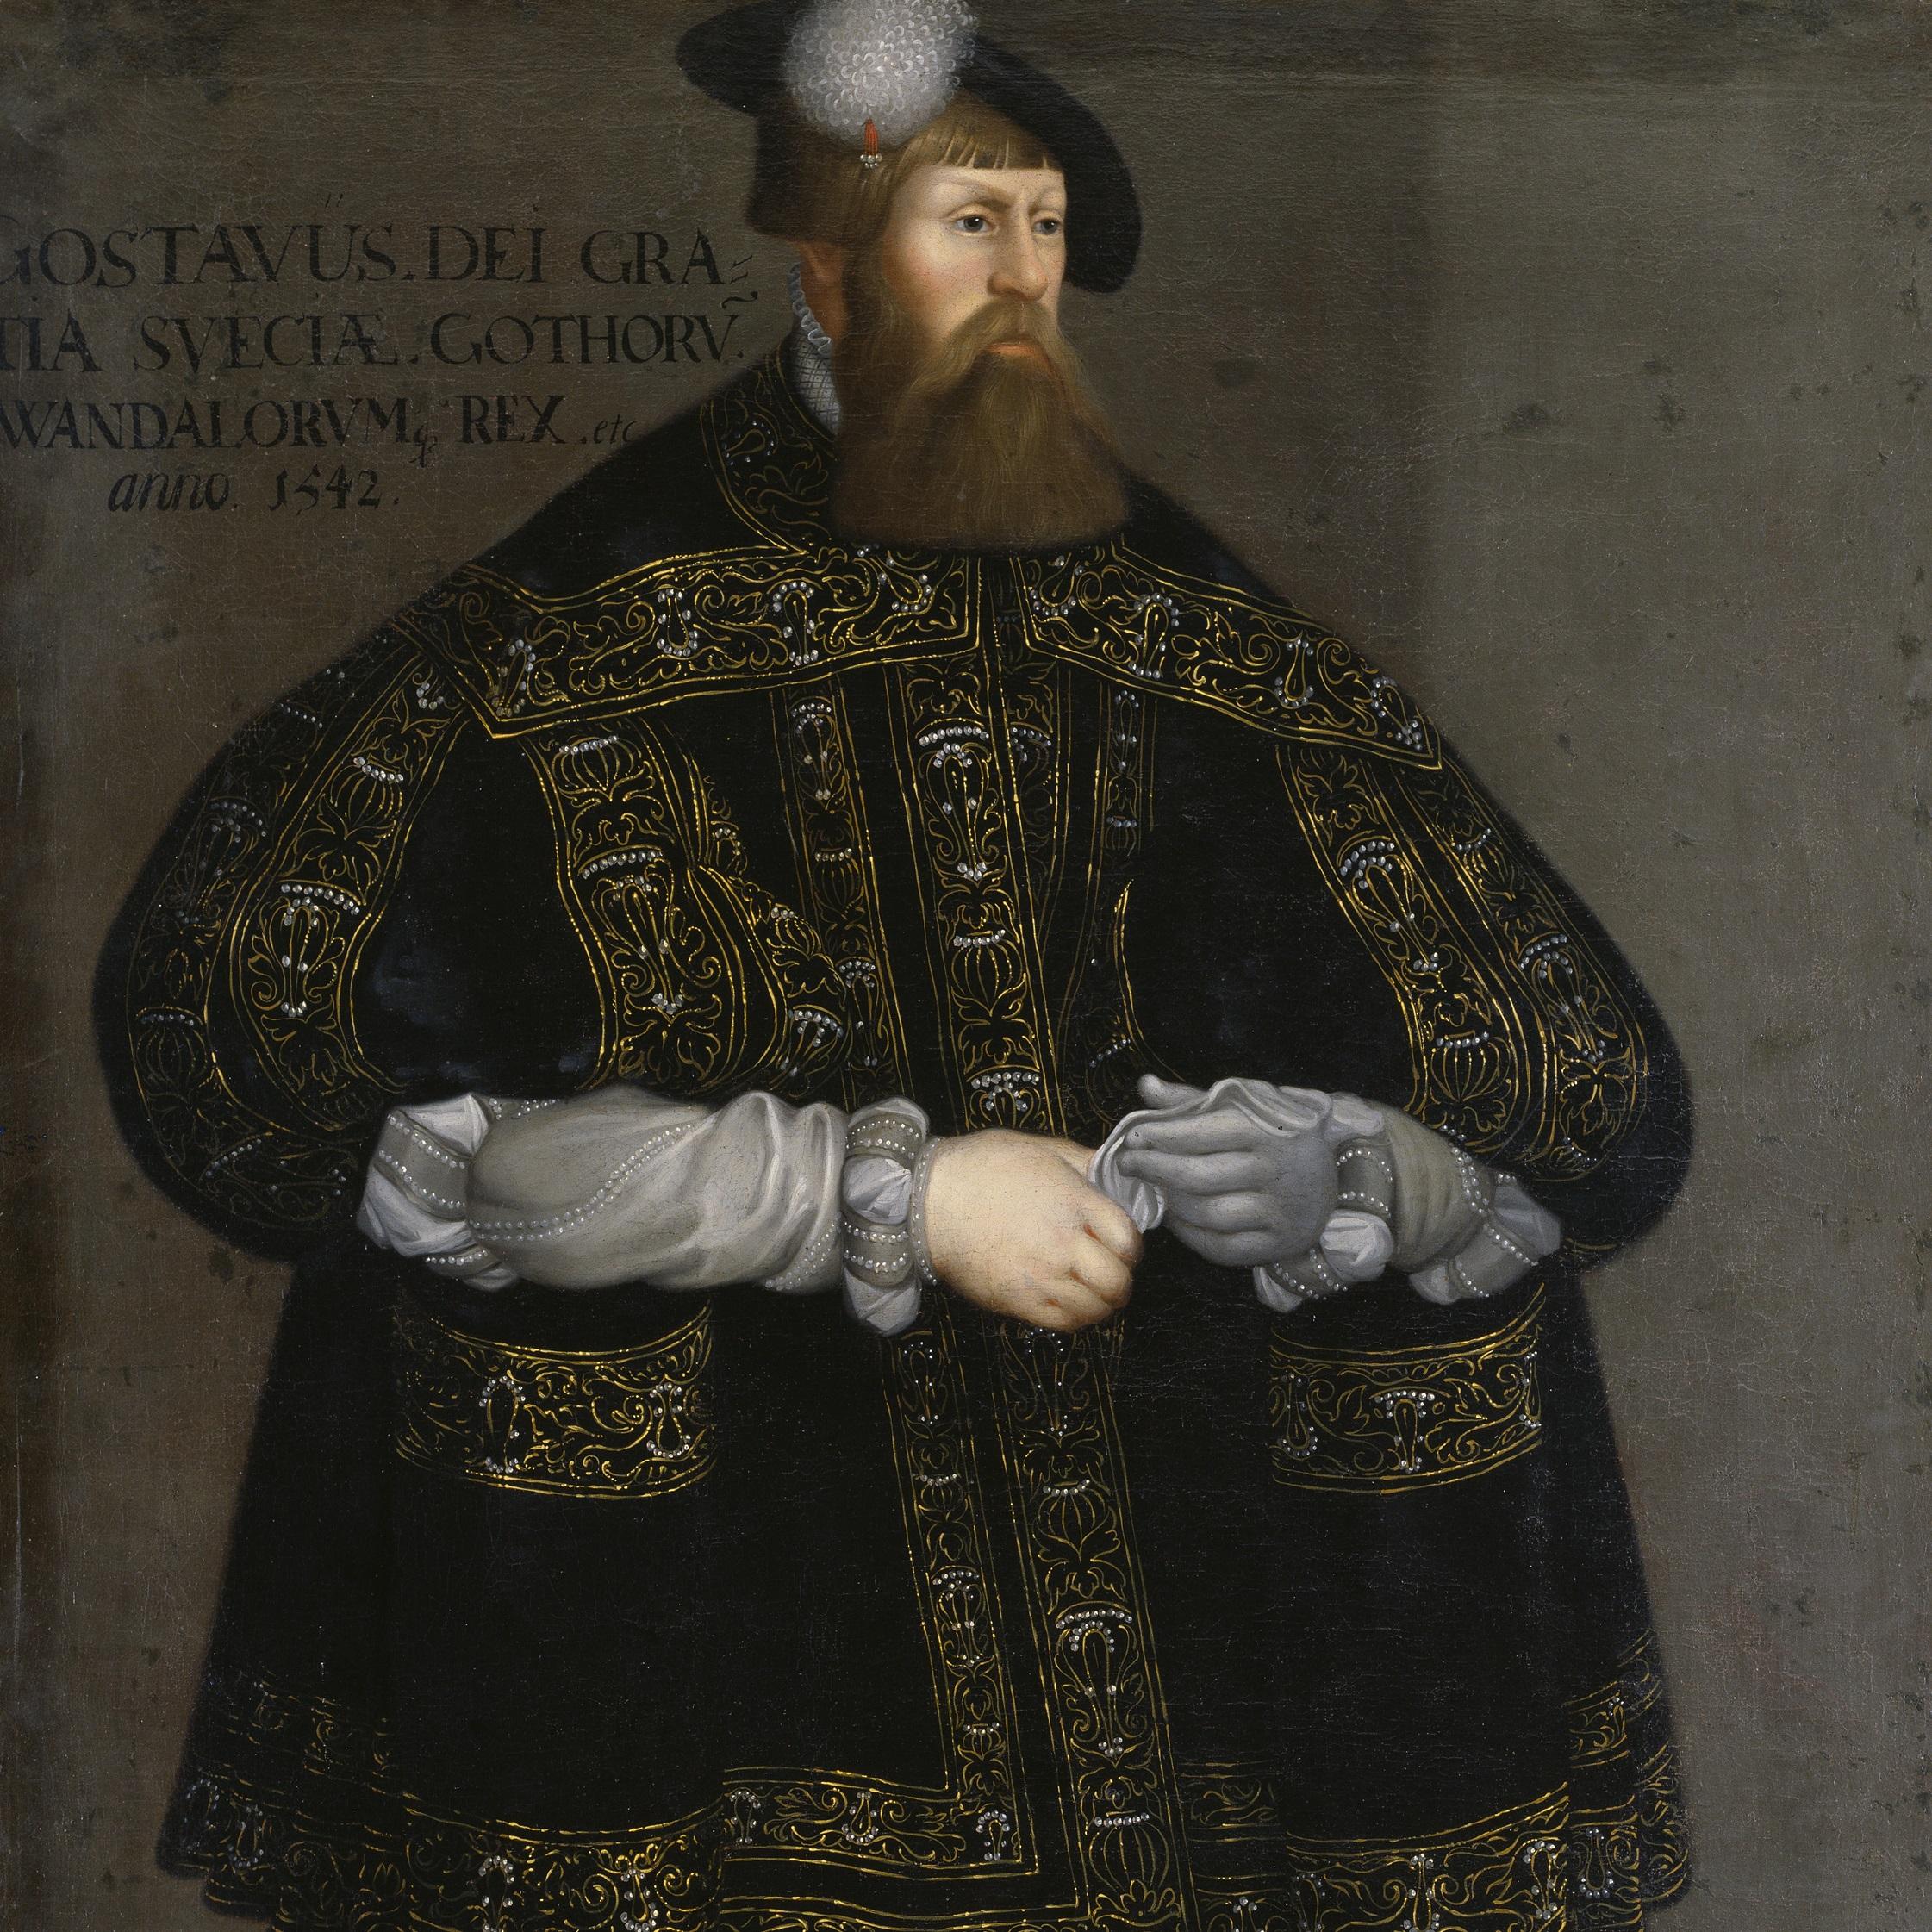 Gustaw I Waza rządził w Szwecji do 1560 roku